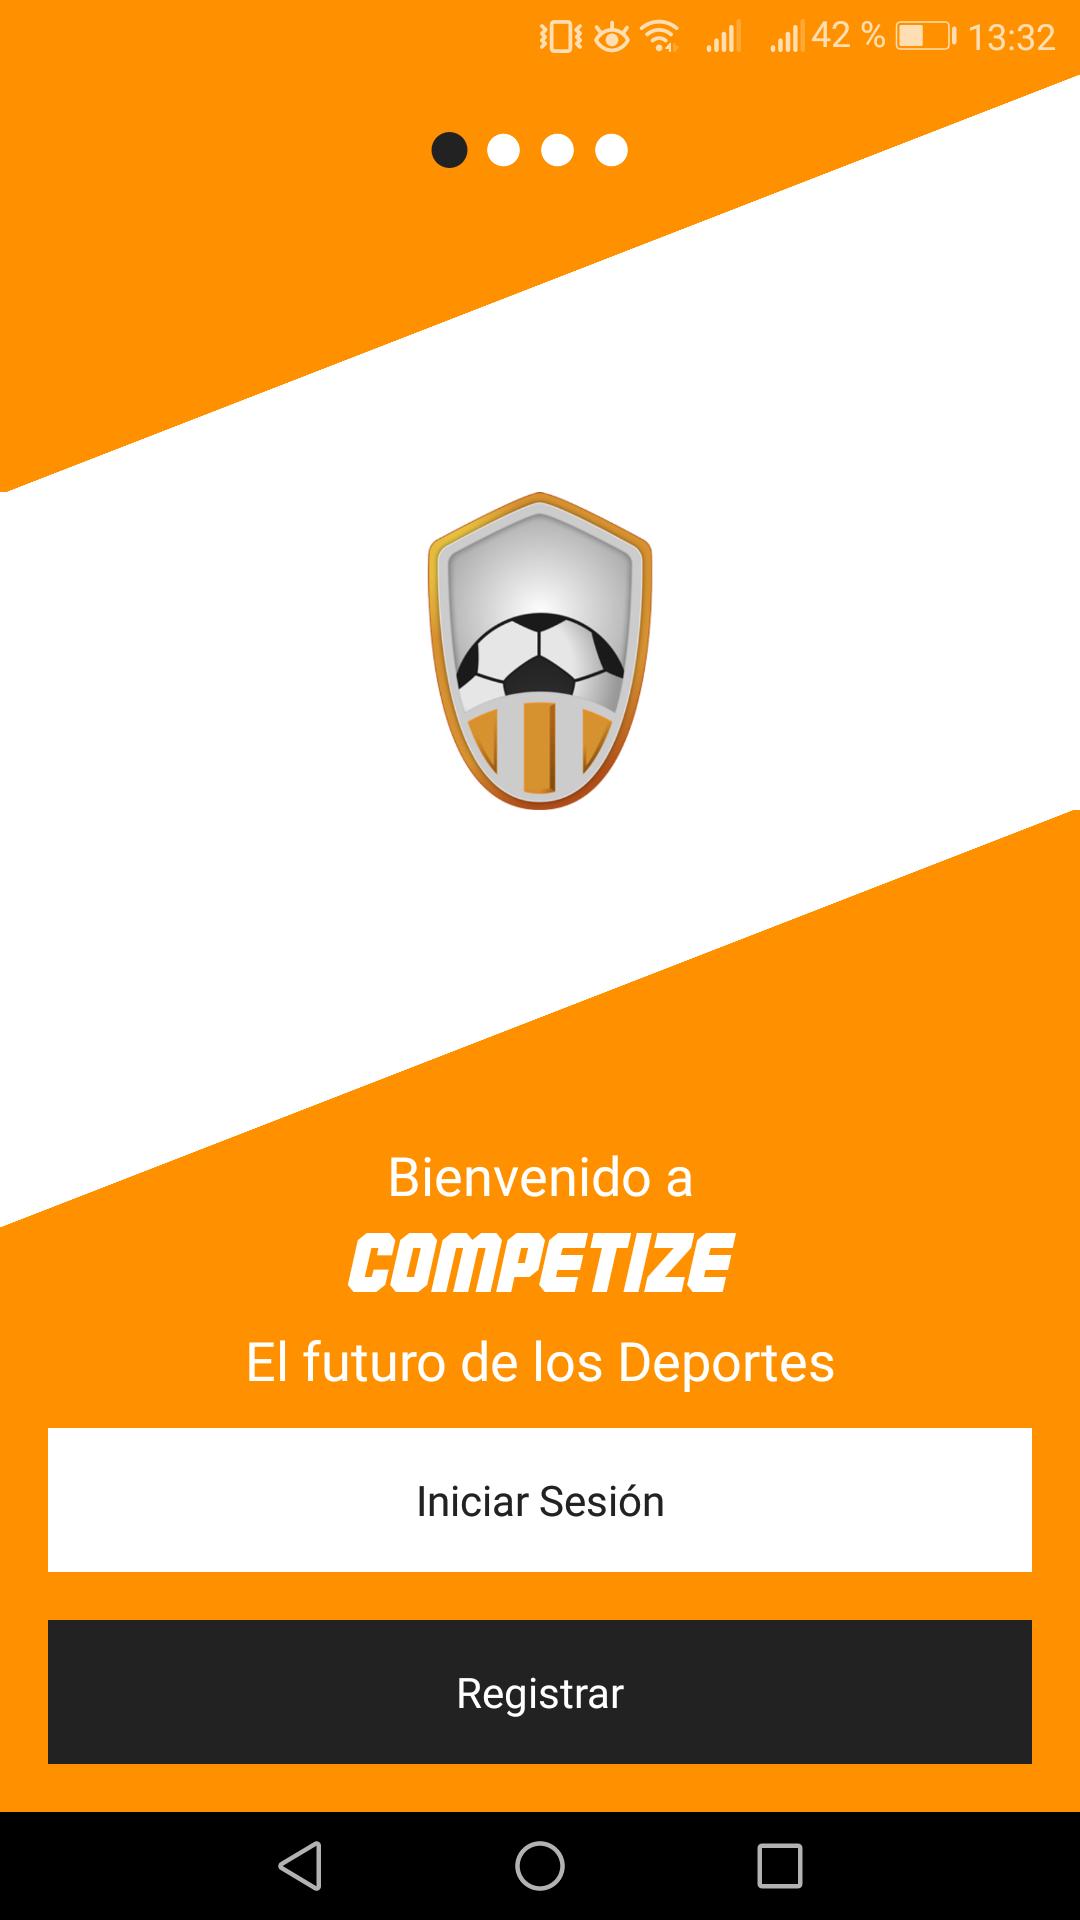 Aplicación gratuita para crear torneos